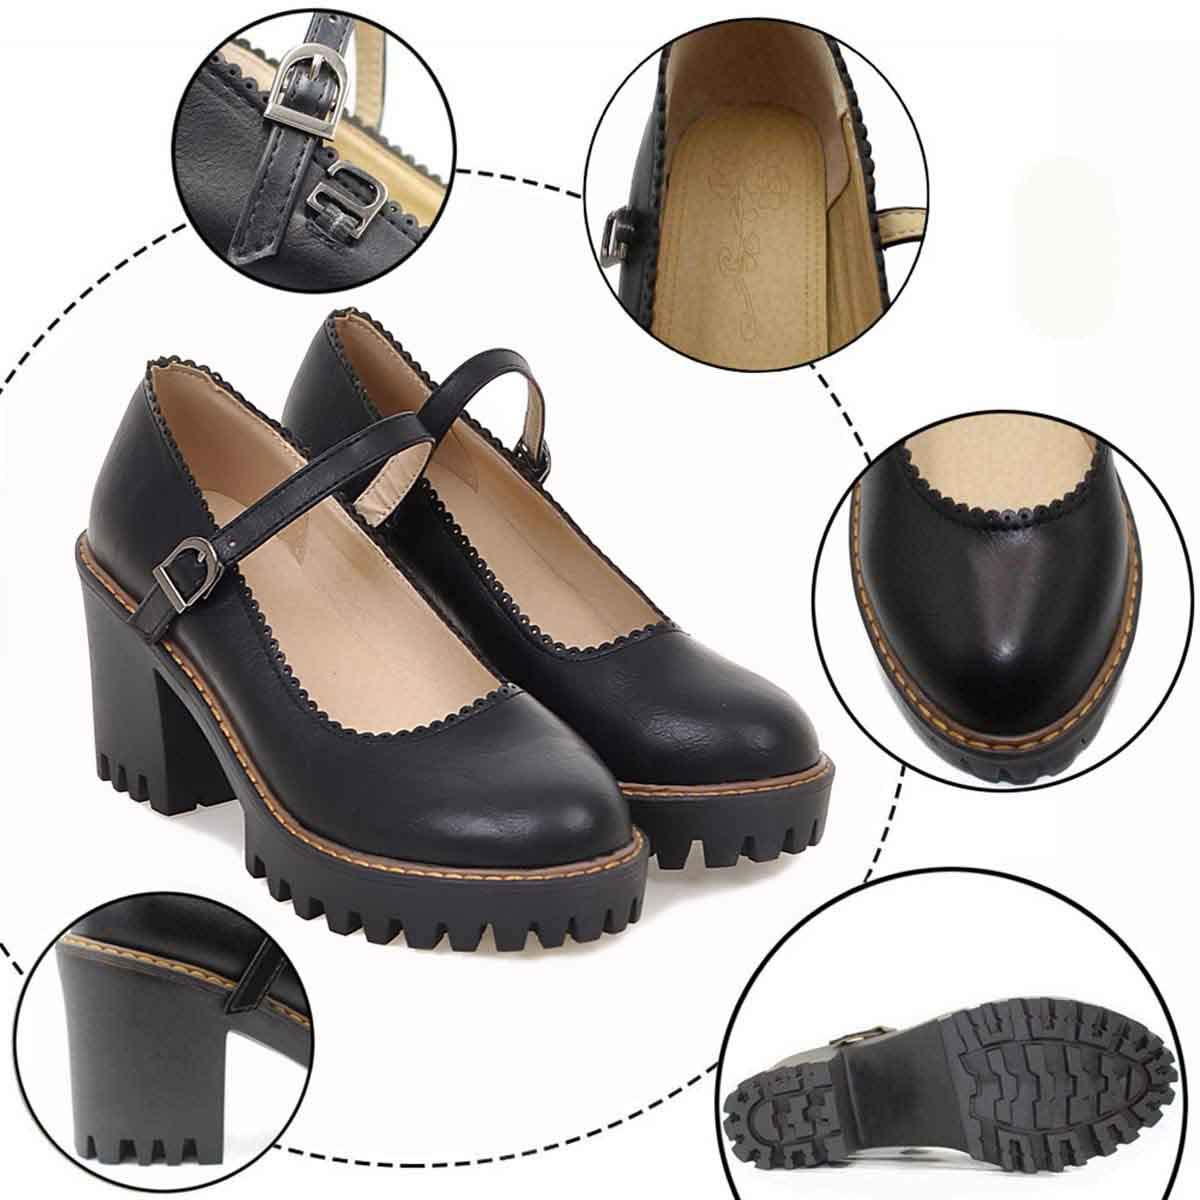 HSNA Escarpins Femme Ferm/é Toe Mary Jane Chaussures Fille Rond Plateforme Boucle Bloc Talon avec 5 cm 34-39 EU